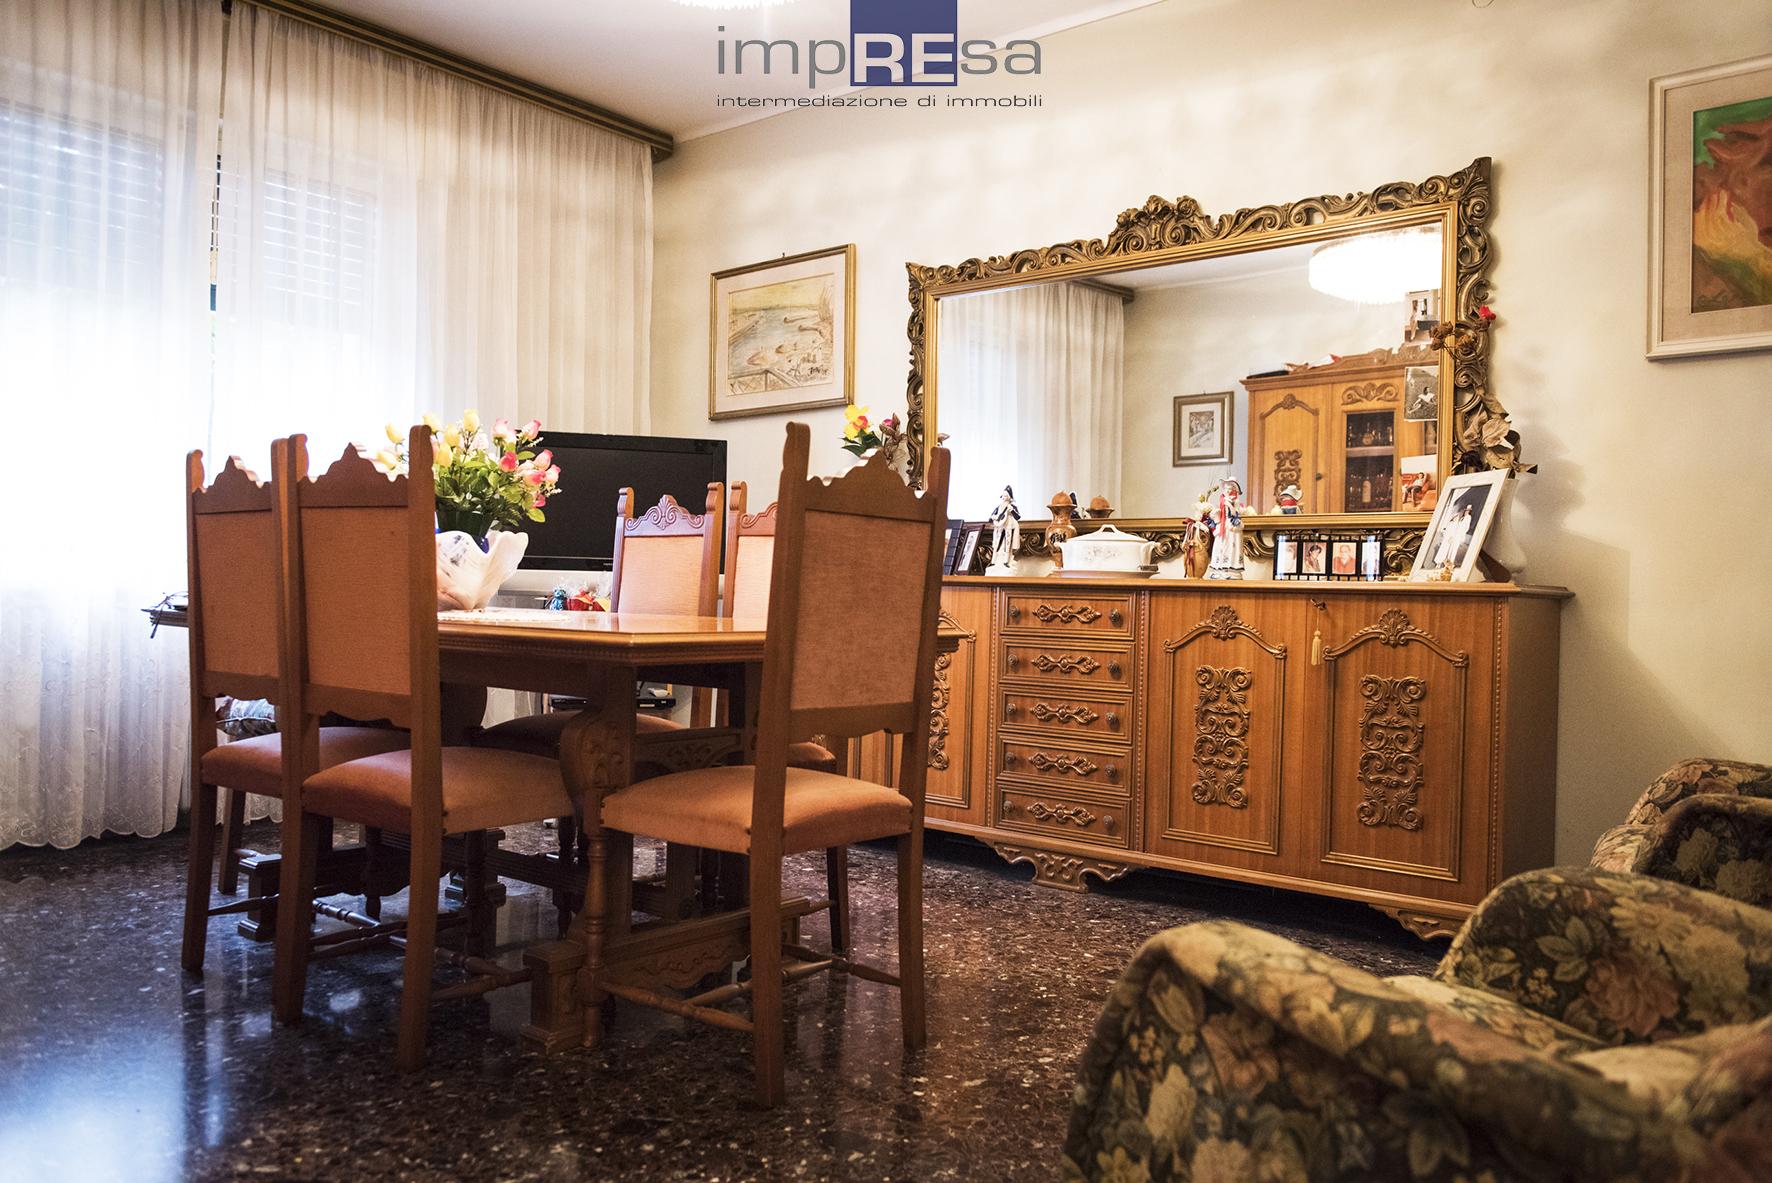 Appartamento in vendita a Venezia, 7 locali, zona Dorsoduro, prezzo € 495.000 | PortaleAgenzieImmobiliari.it